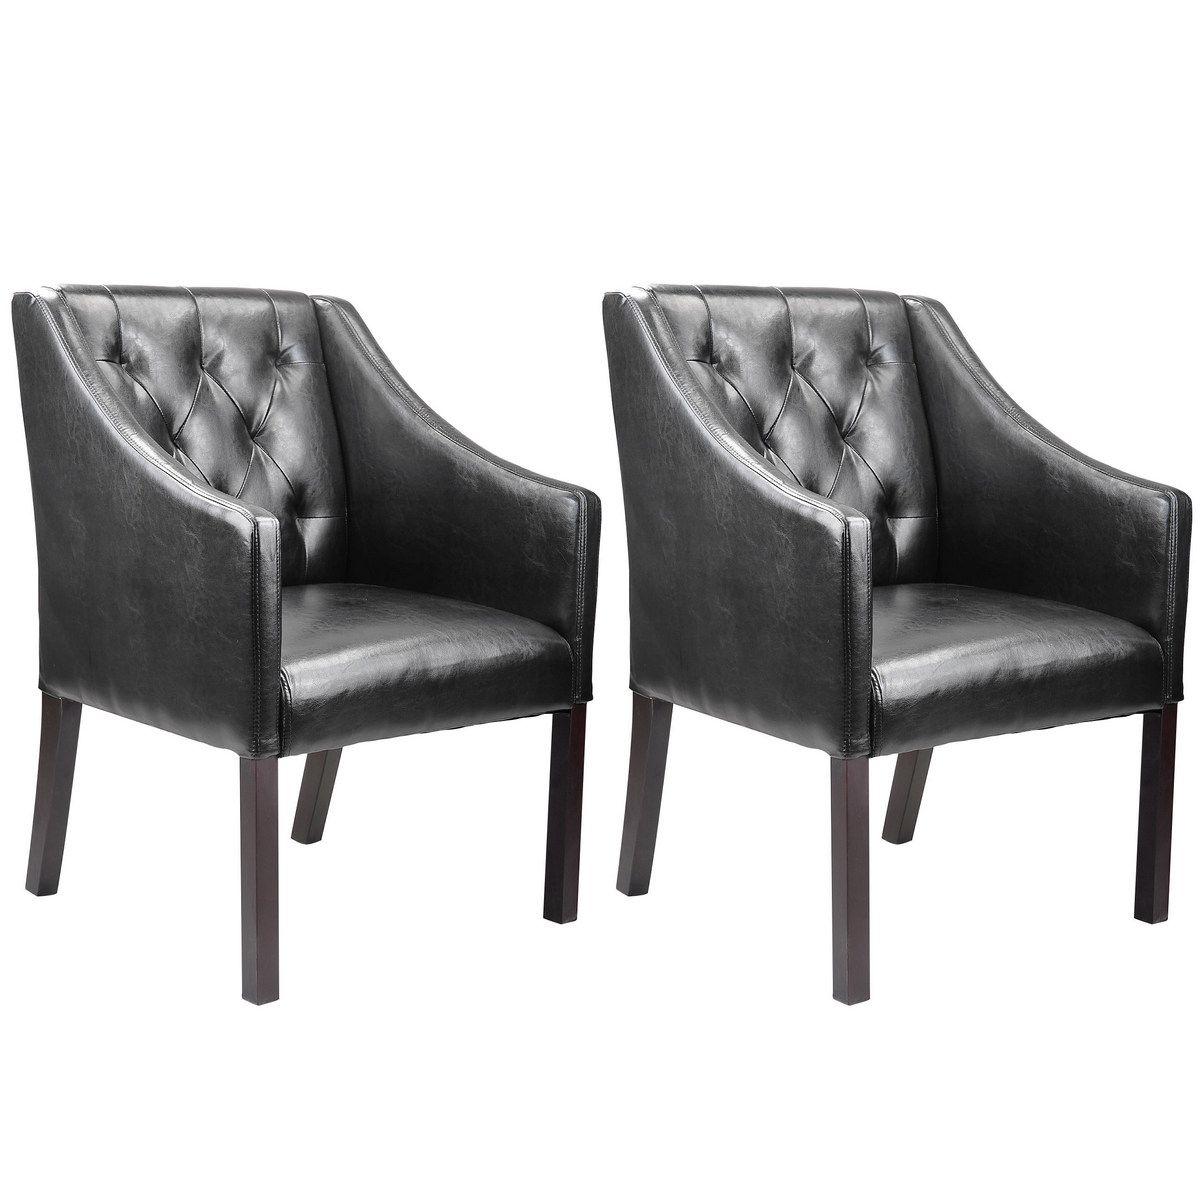 Corliving lad608c antonio accent club chair in black